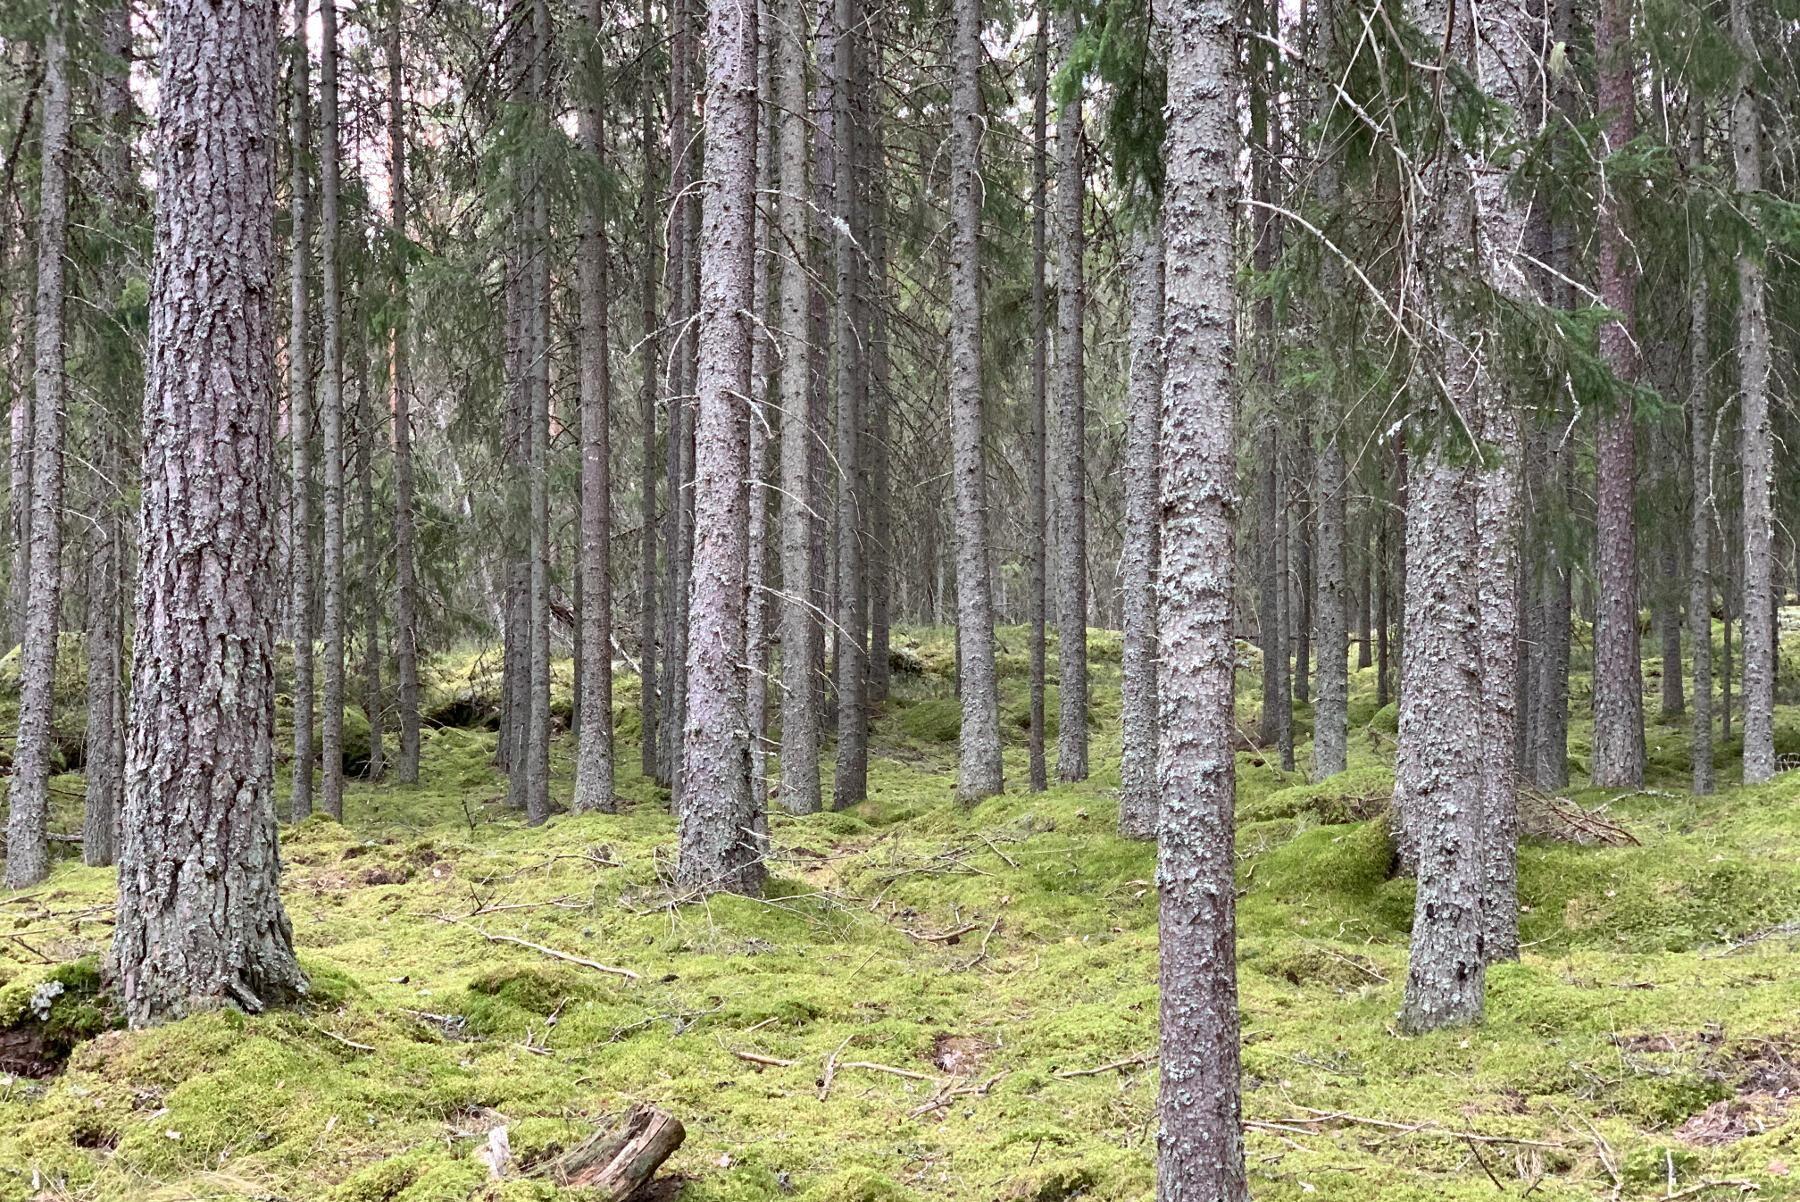 80 procent av den talldominerade skogen är under sextio år, och tillväxten beräknas till 5000 kubikmeter per år.